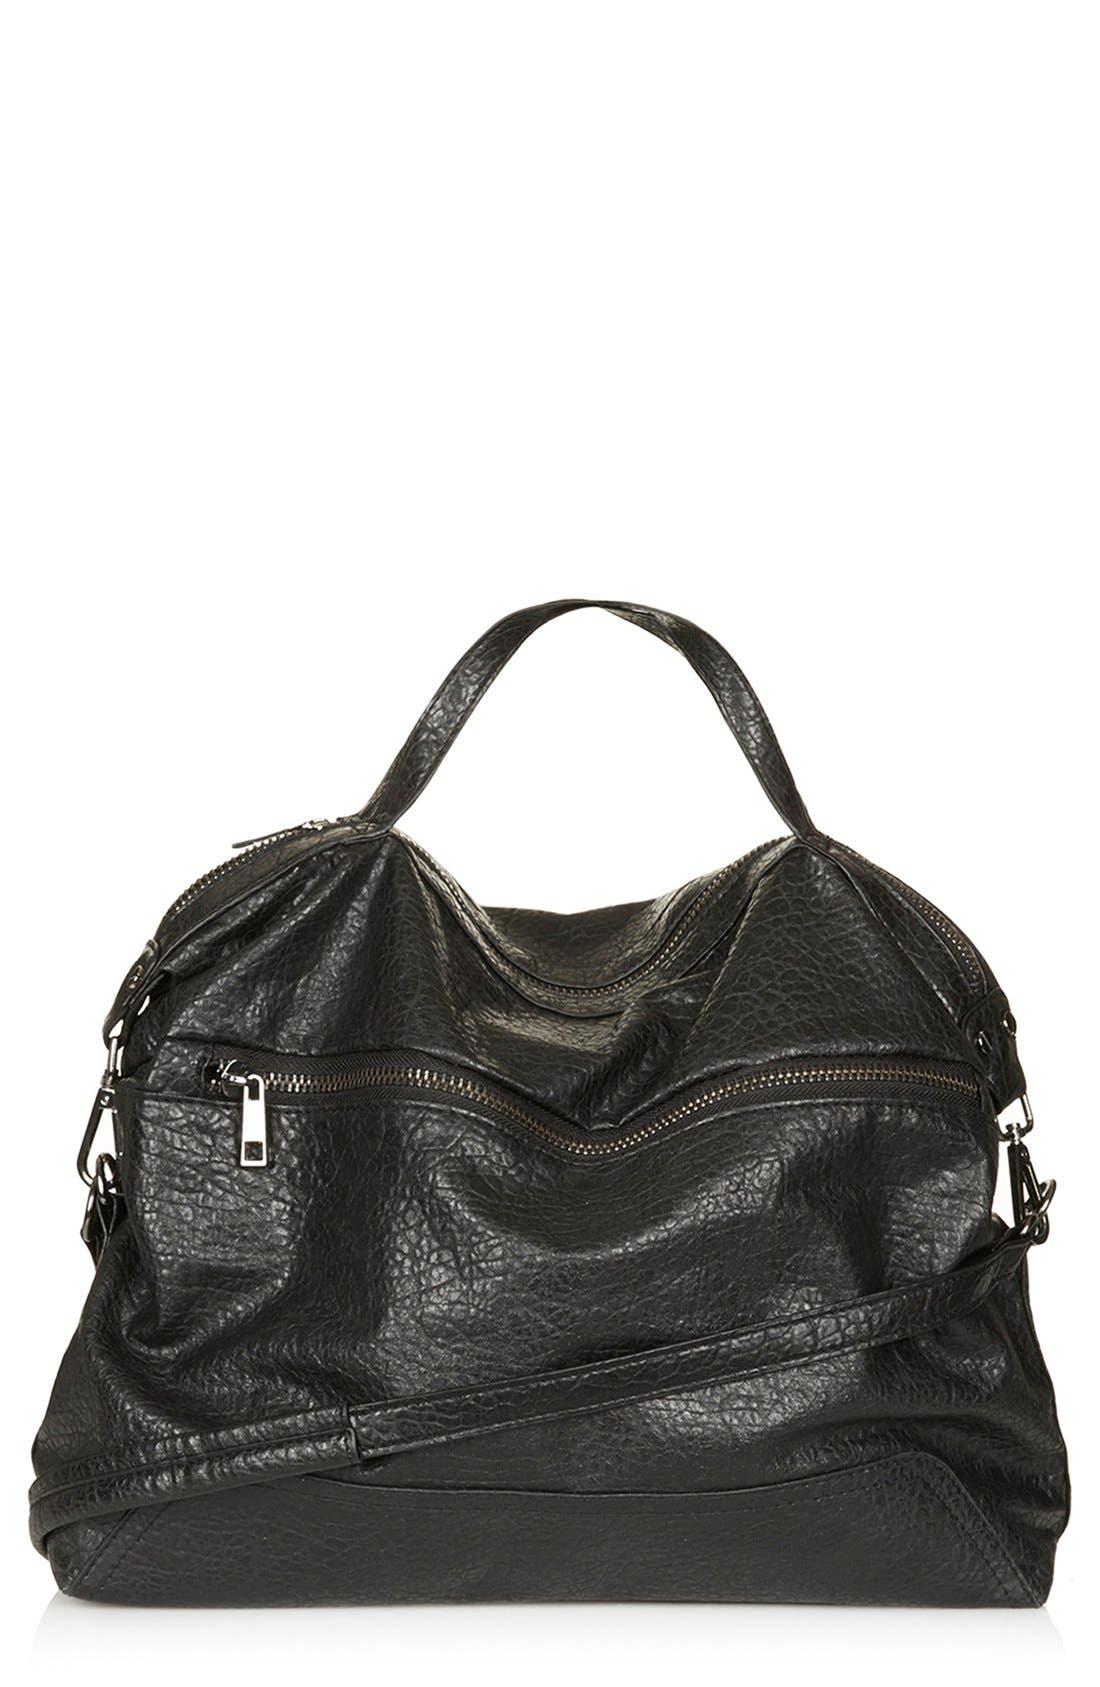 Main Image - Topshop Faux Leather Satchel